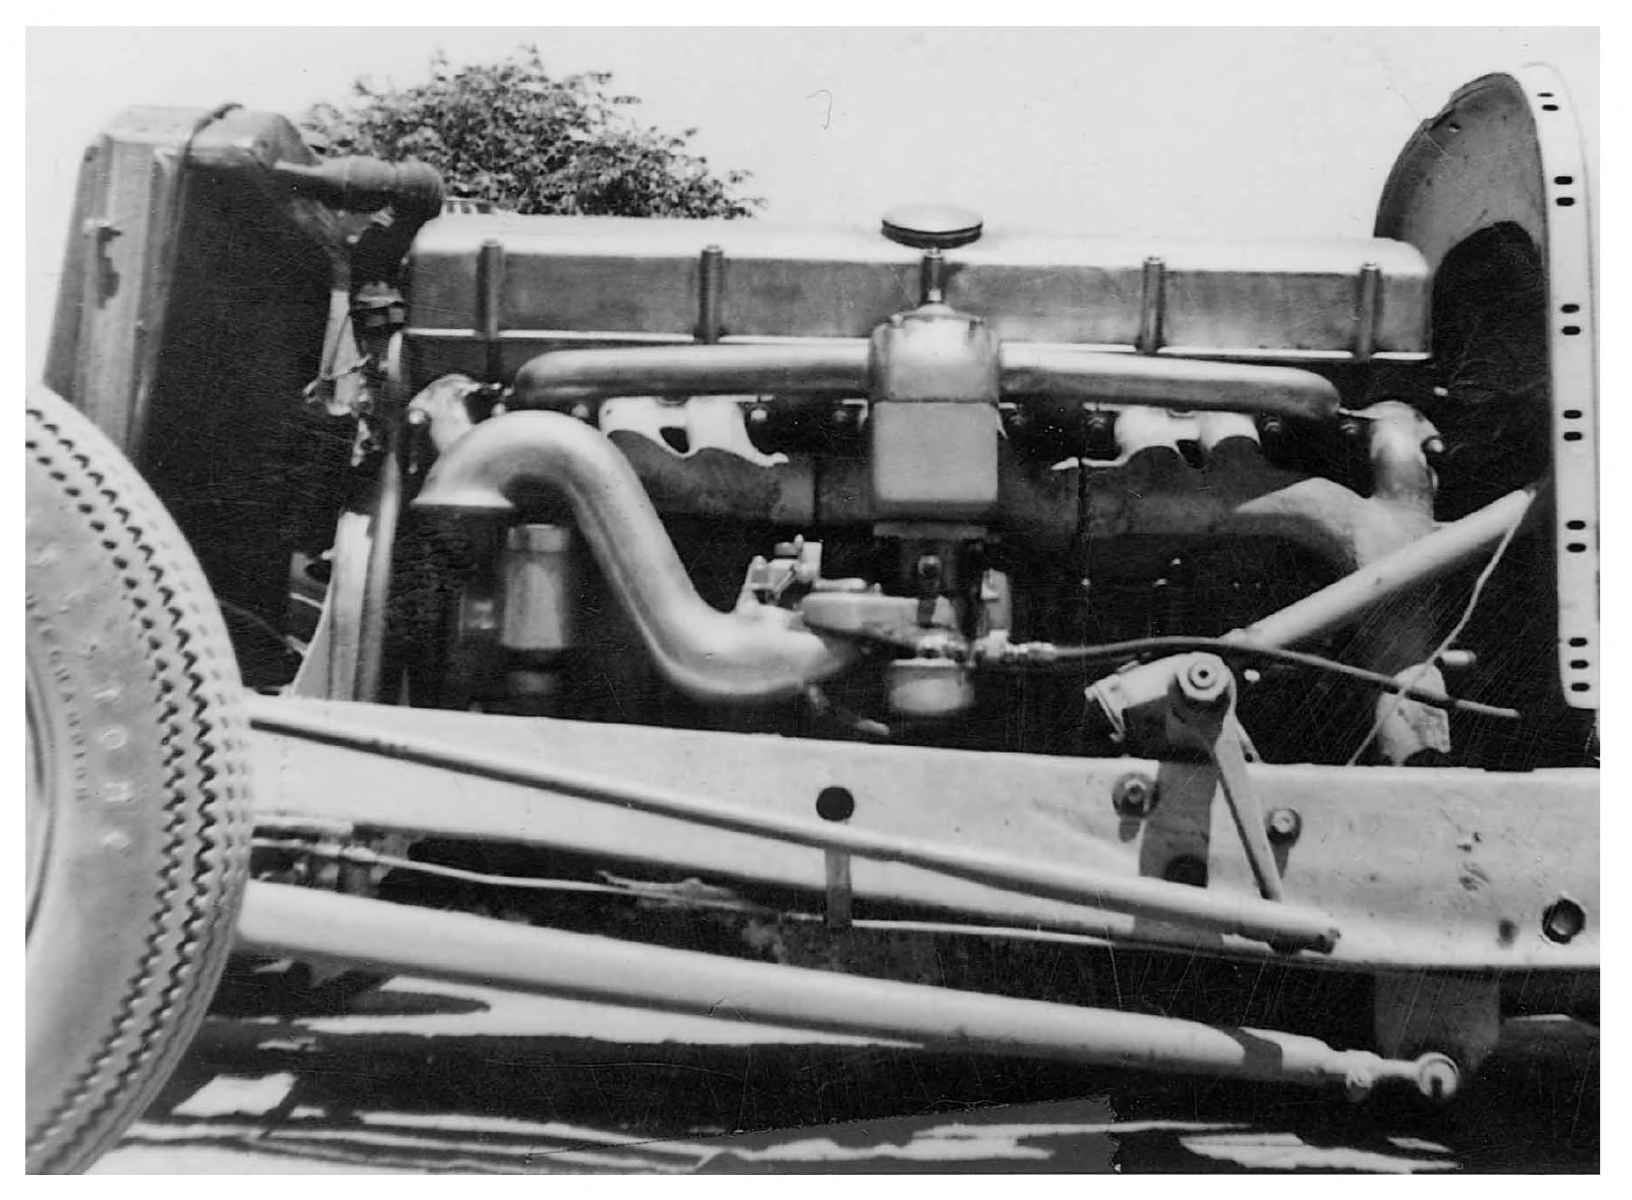 Dodge с V16, оригинальная конфигурация двигателя.